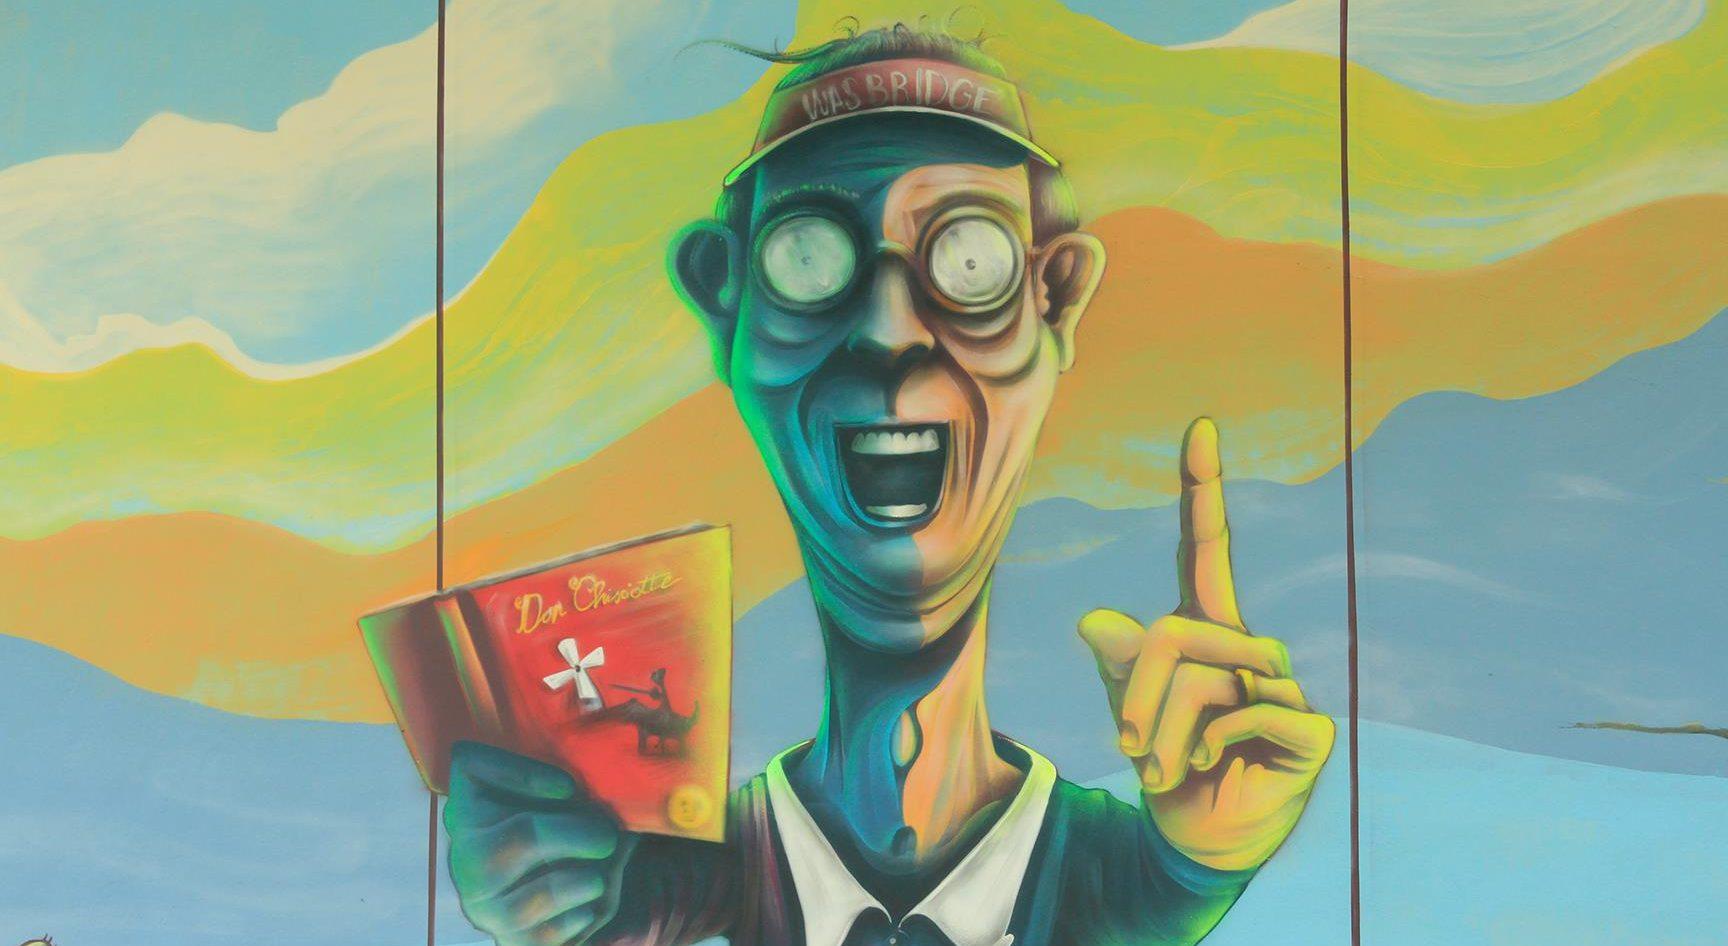 Arte contemporanea per le strade: cosa vedere a Pontedera